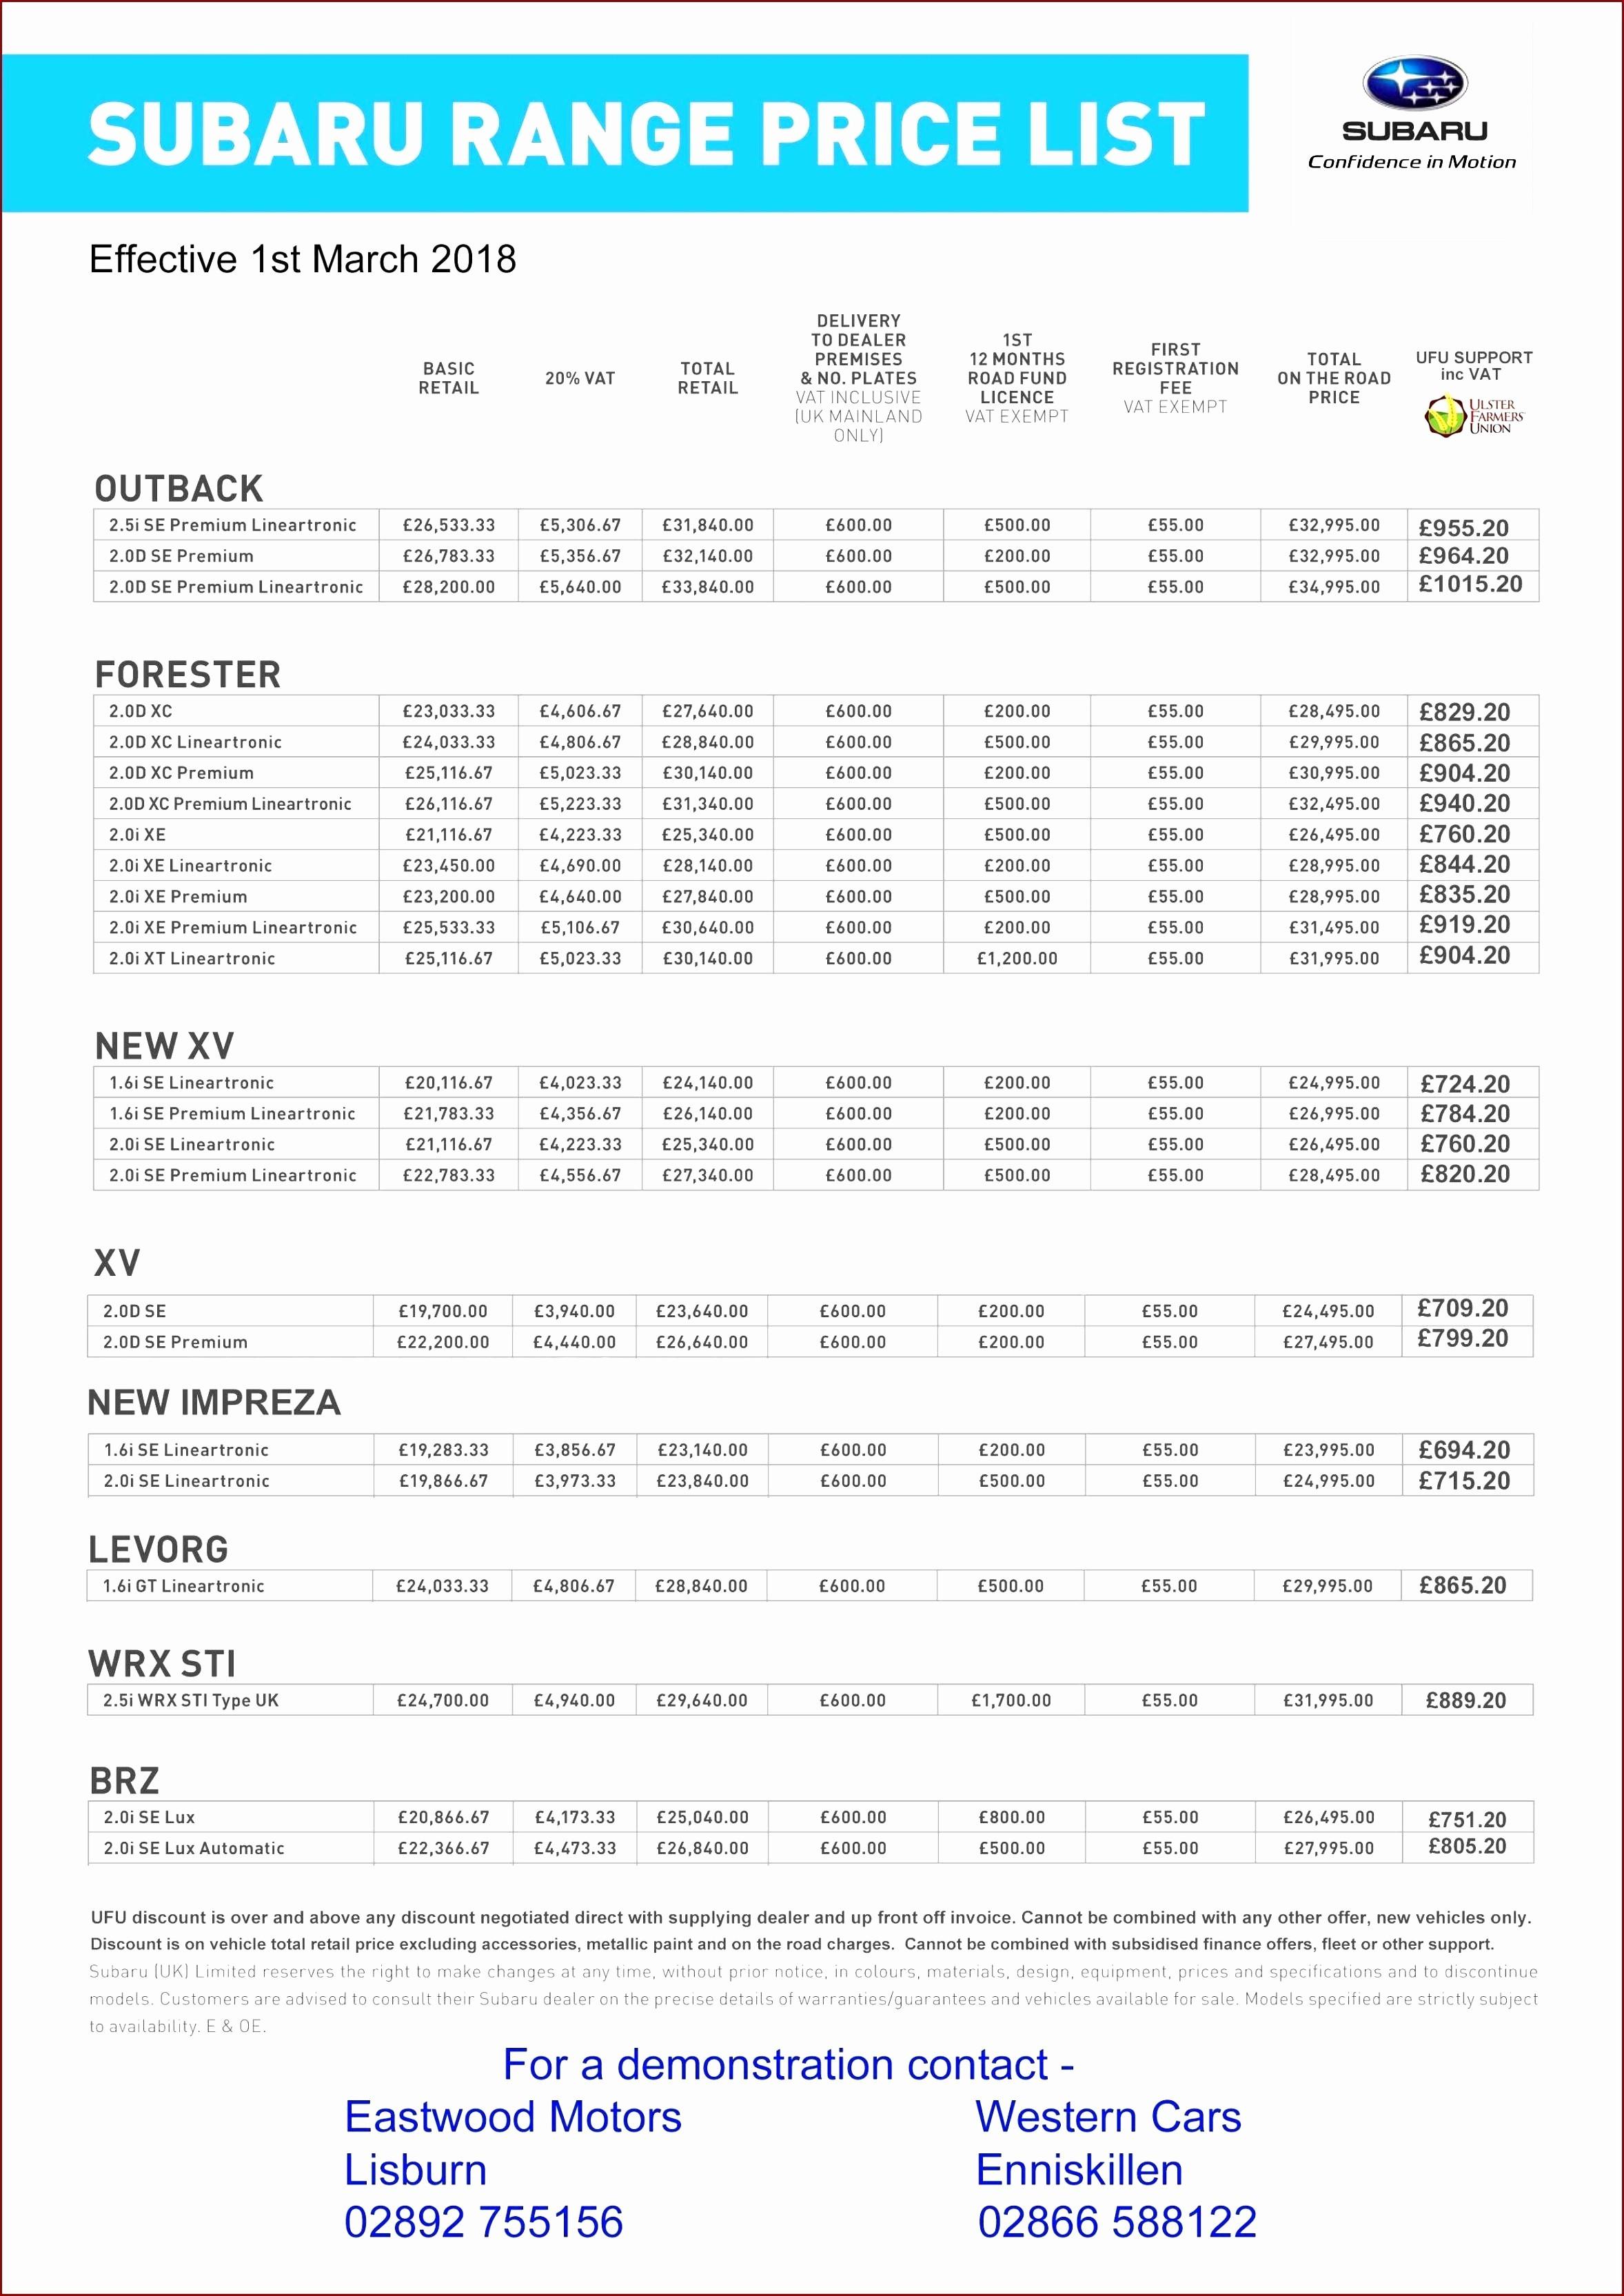 Calendario 2019 Jpg Recientes Lunar Calendar astrology Example 2019 Cosmic Calendar Zodiac Iyazam Of Calendario 2019 Jpg Más Arriba-a-fecha Turchese Da Stampare Calendario 2019 Pdf